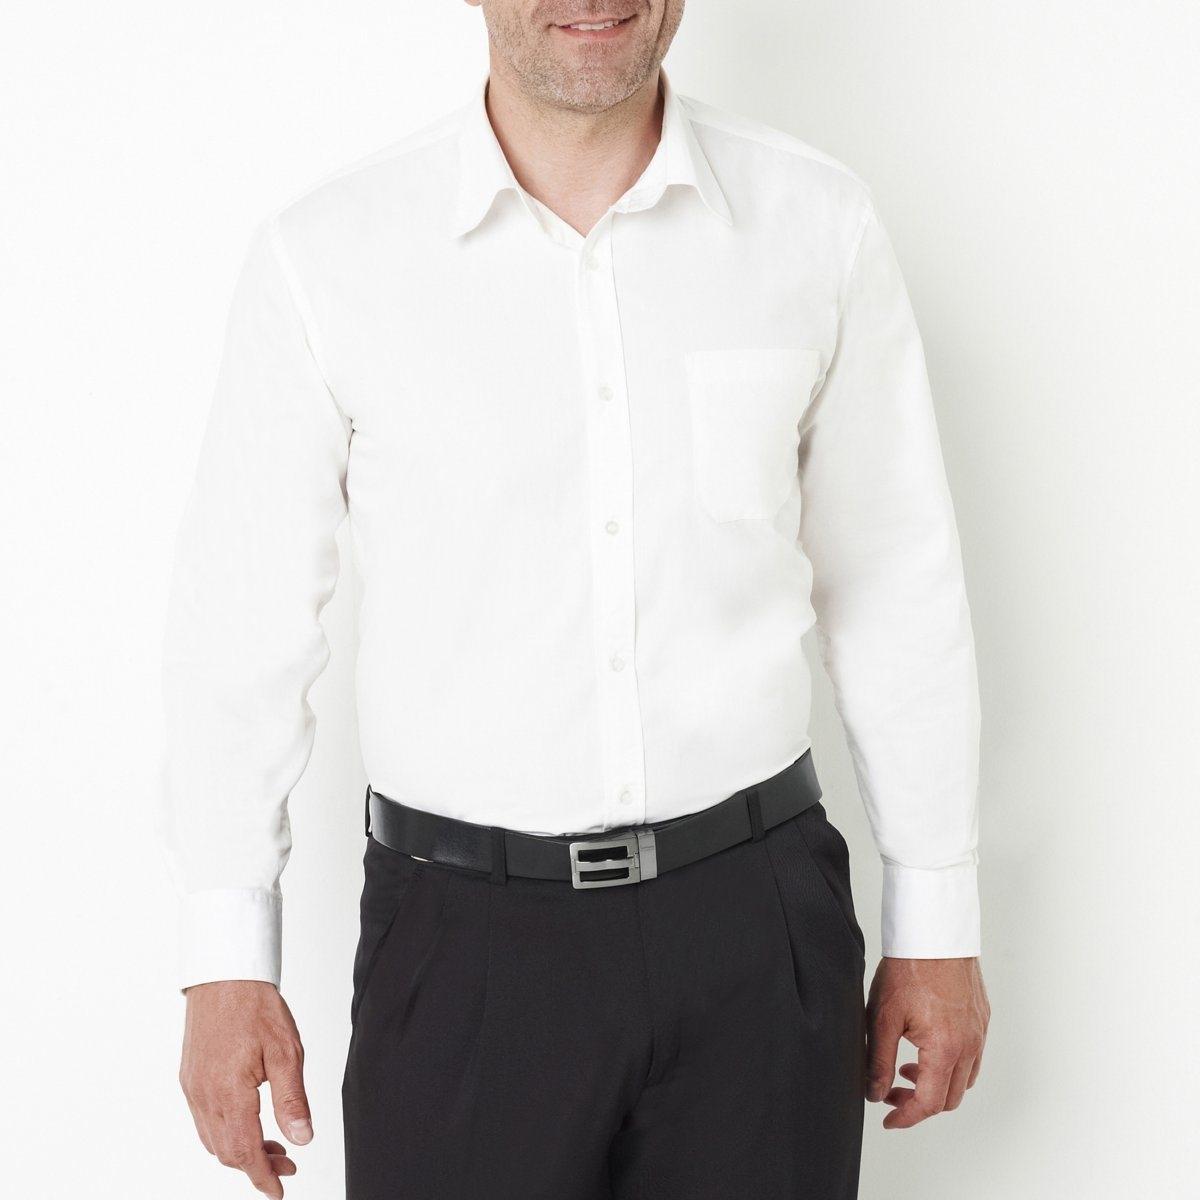 Рубашка из поплина с длинными рукавами, рост 3Рост 3 (при росте от 187 см). - длина рубашки спереди : 87 см для размера 41/42 и 95 см для размера 57/58.- длина рукавов : 69 смДанная модель представлена также для роста 1 (при росте до 176 см) и 2 (при росте 176-187 см) и с короткими рукавами.<br><br>Цвет: белый,голубой,синий морской,черный<br>Размер: 49/50.47/48.57/58.53/54.51/52.53/54.49/50.43/44